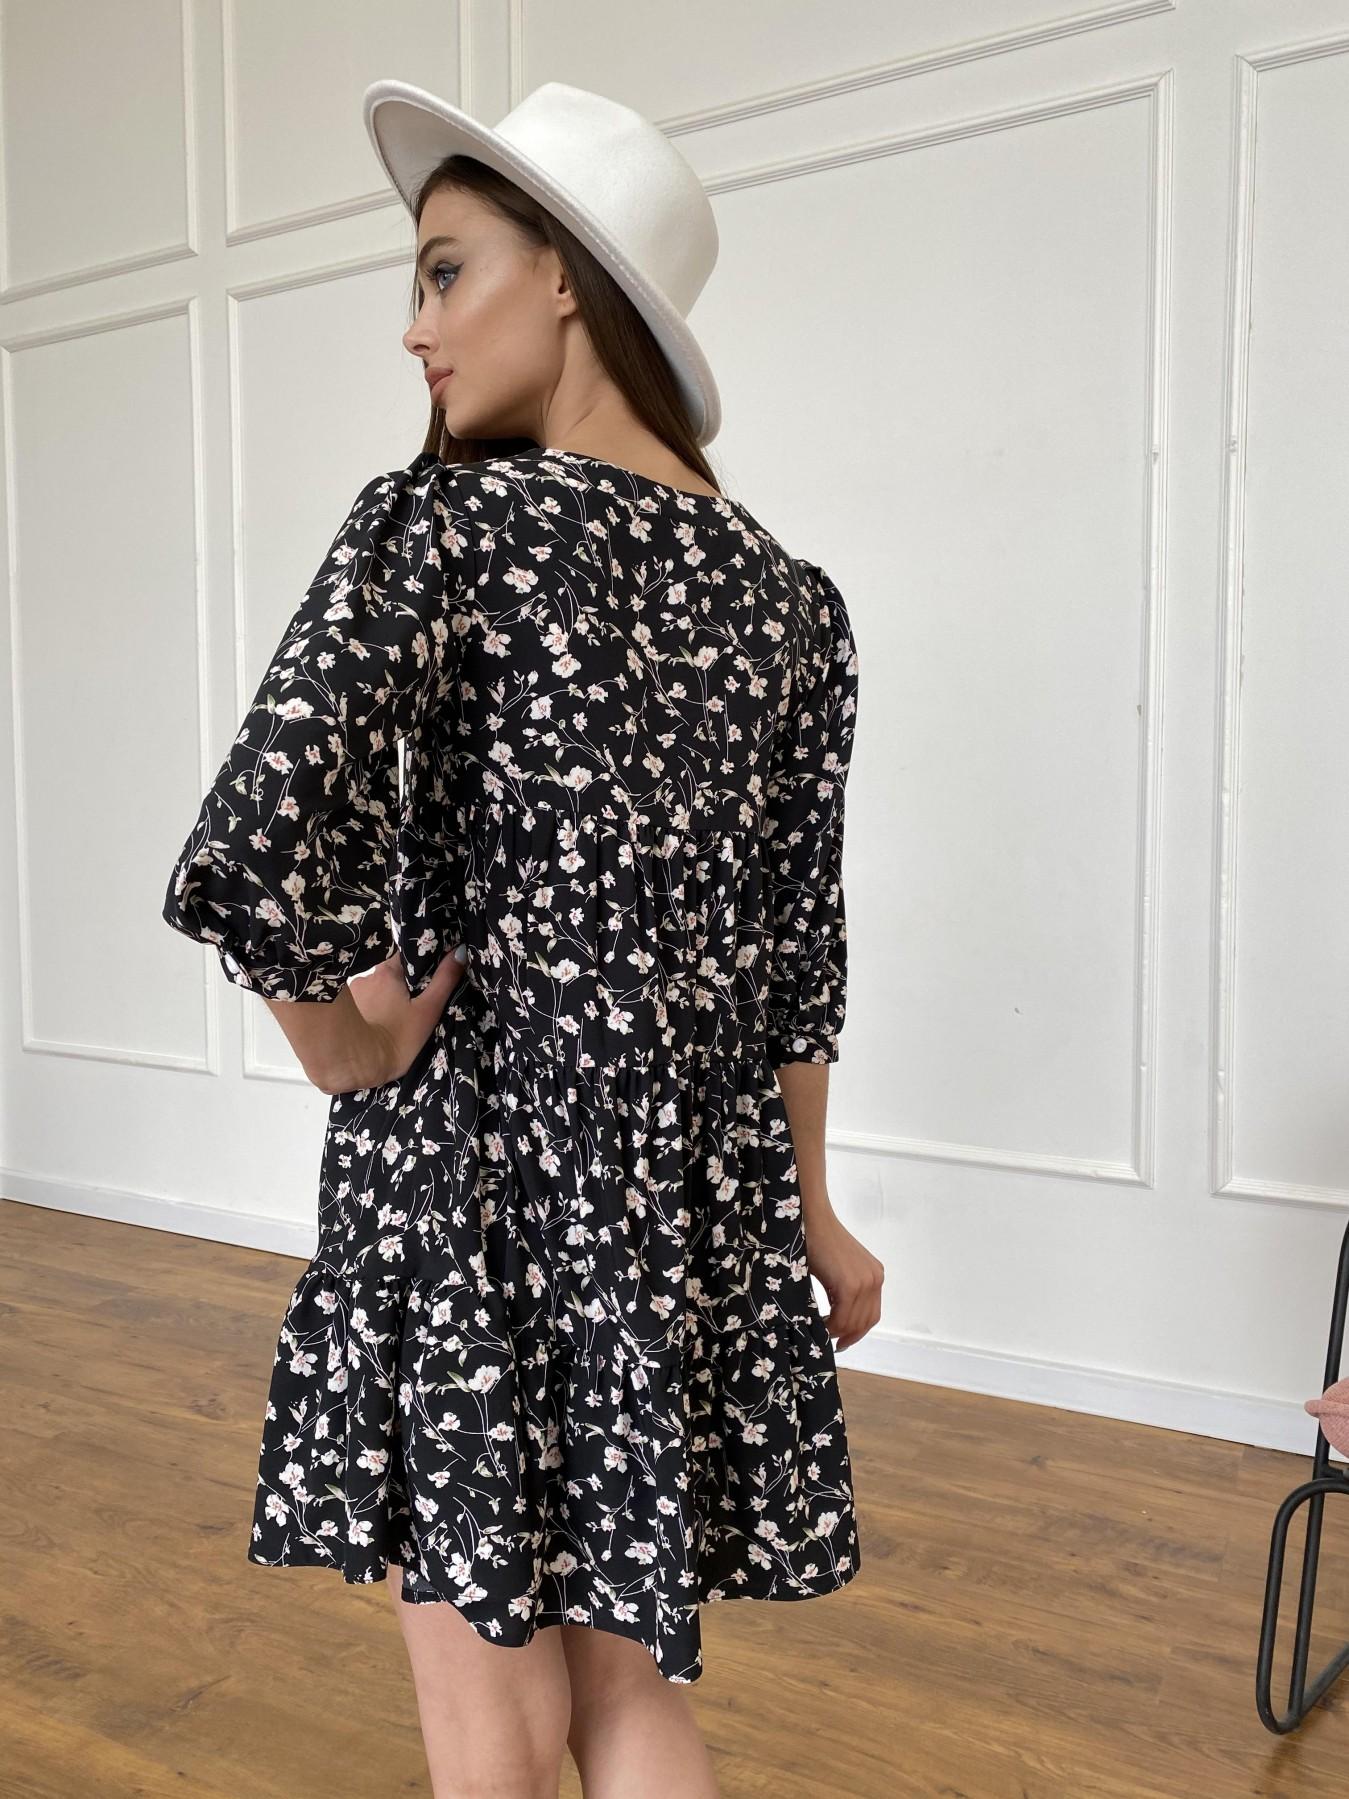 Берри платье из ткани софт в принт 11211 АРТ. 47723 Цвет: Черный/молоко, Цветы - фото 8, интернет магазин tm-modus.ru